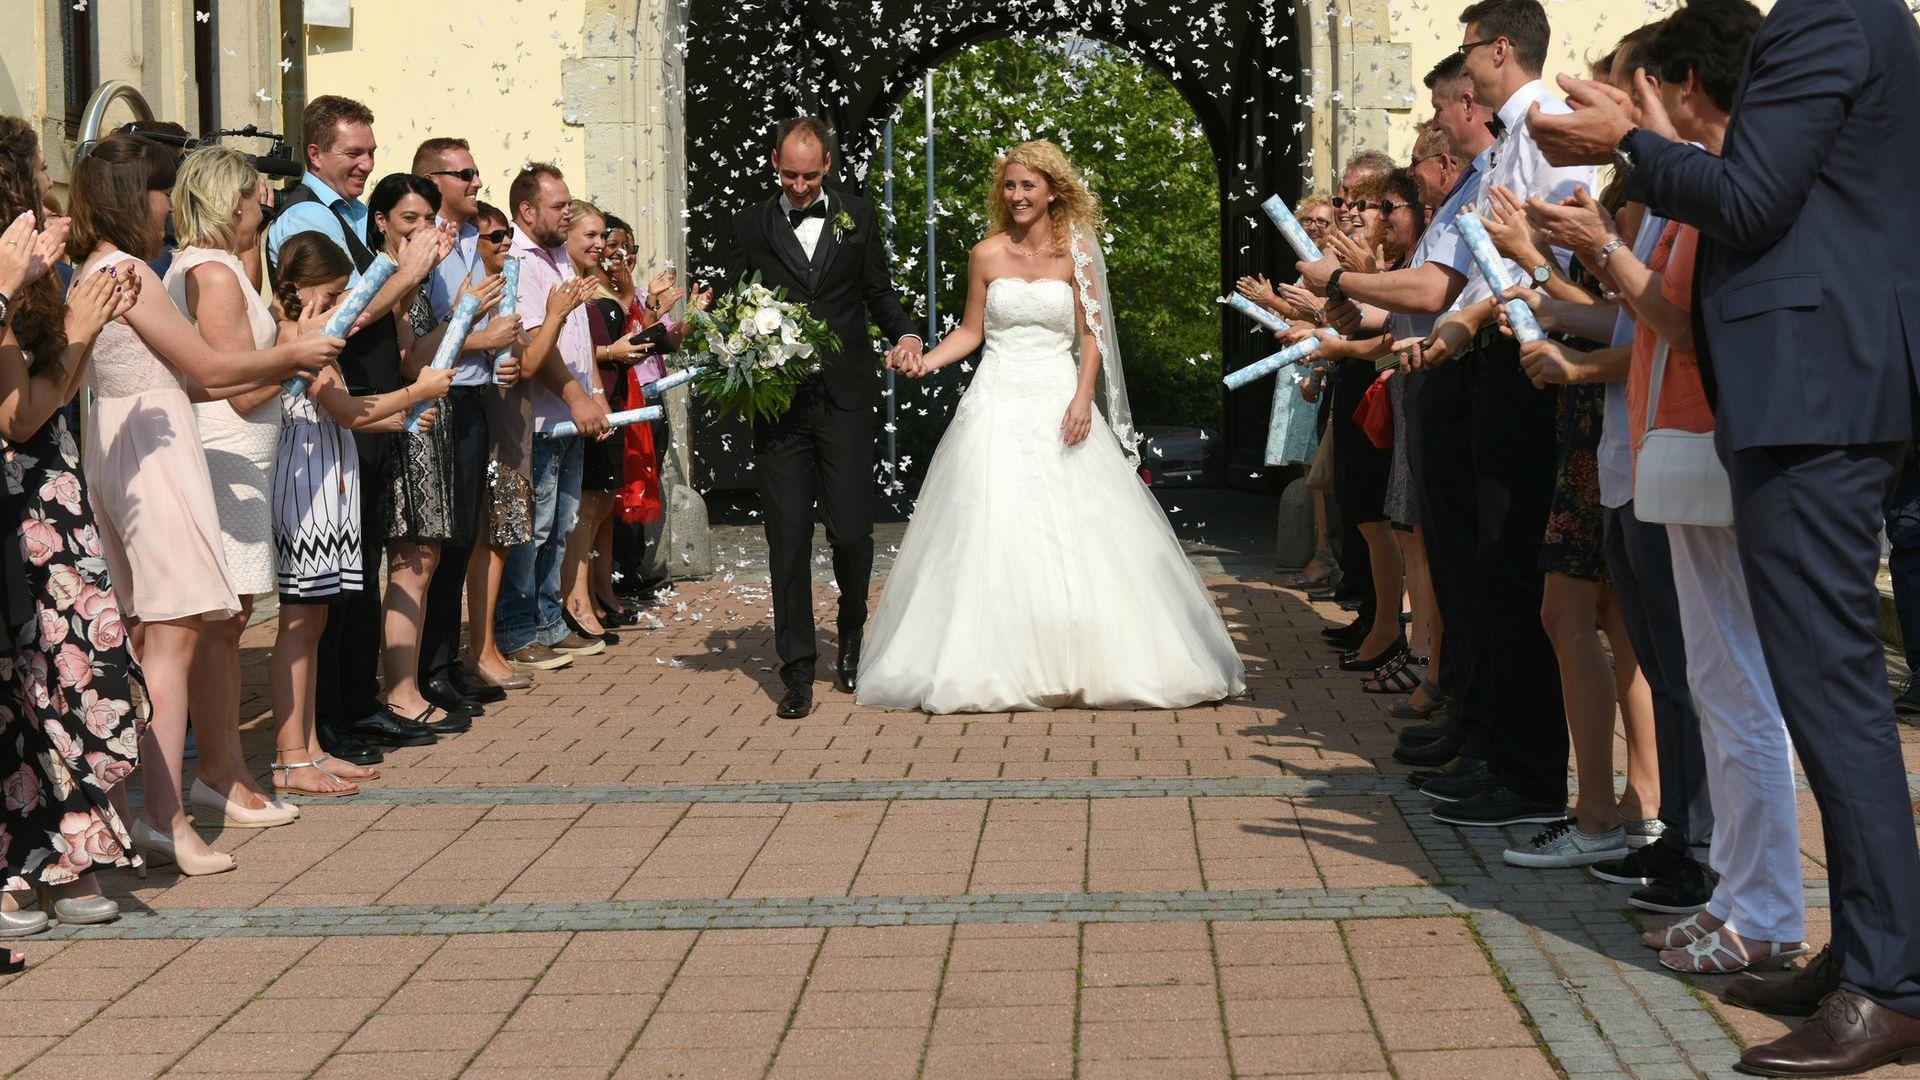 Hochzeit Auf Den Ersten Blick Selina Der Deinhandy Foto Award Der